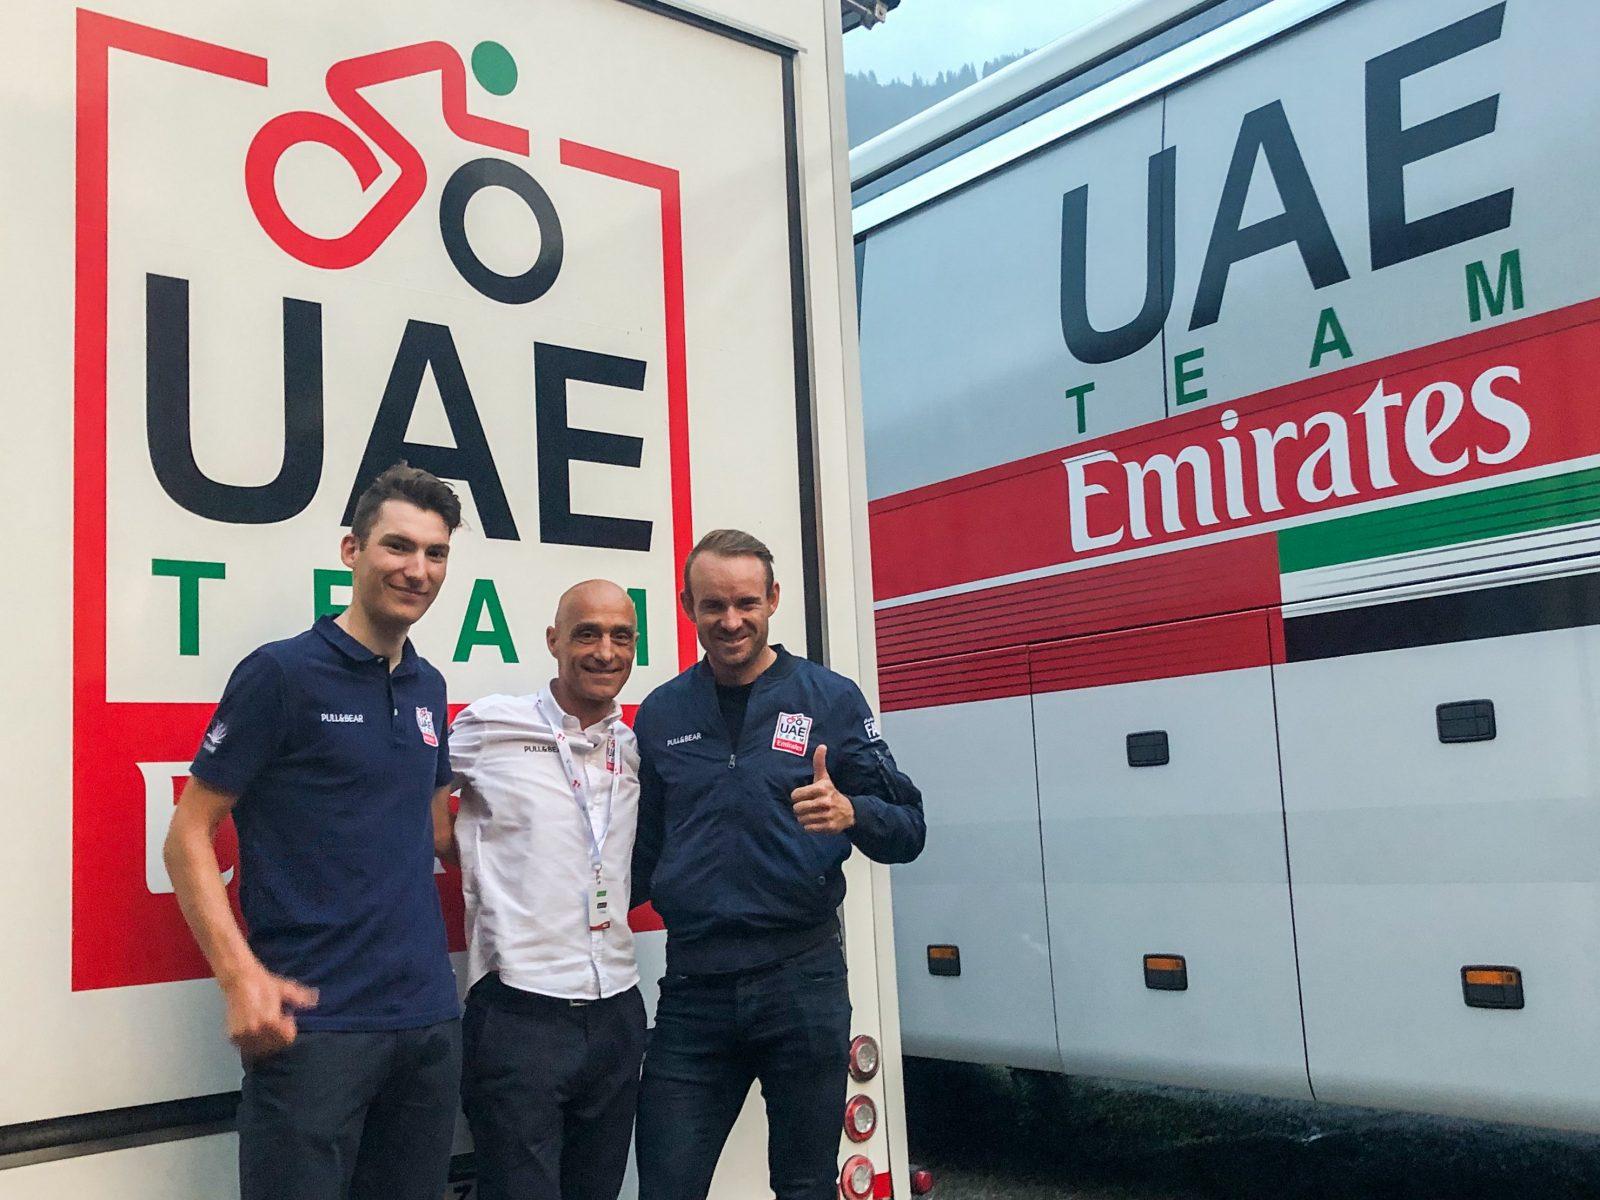 Los dos corredores noruegos seguirán dos temporadas más en el UAE.